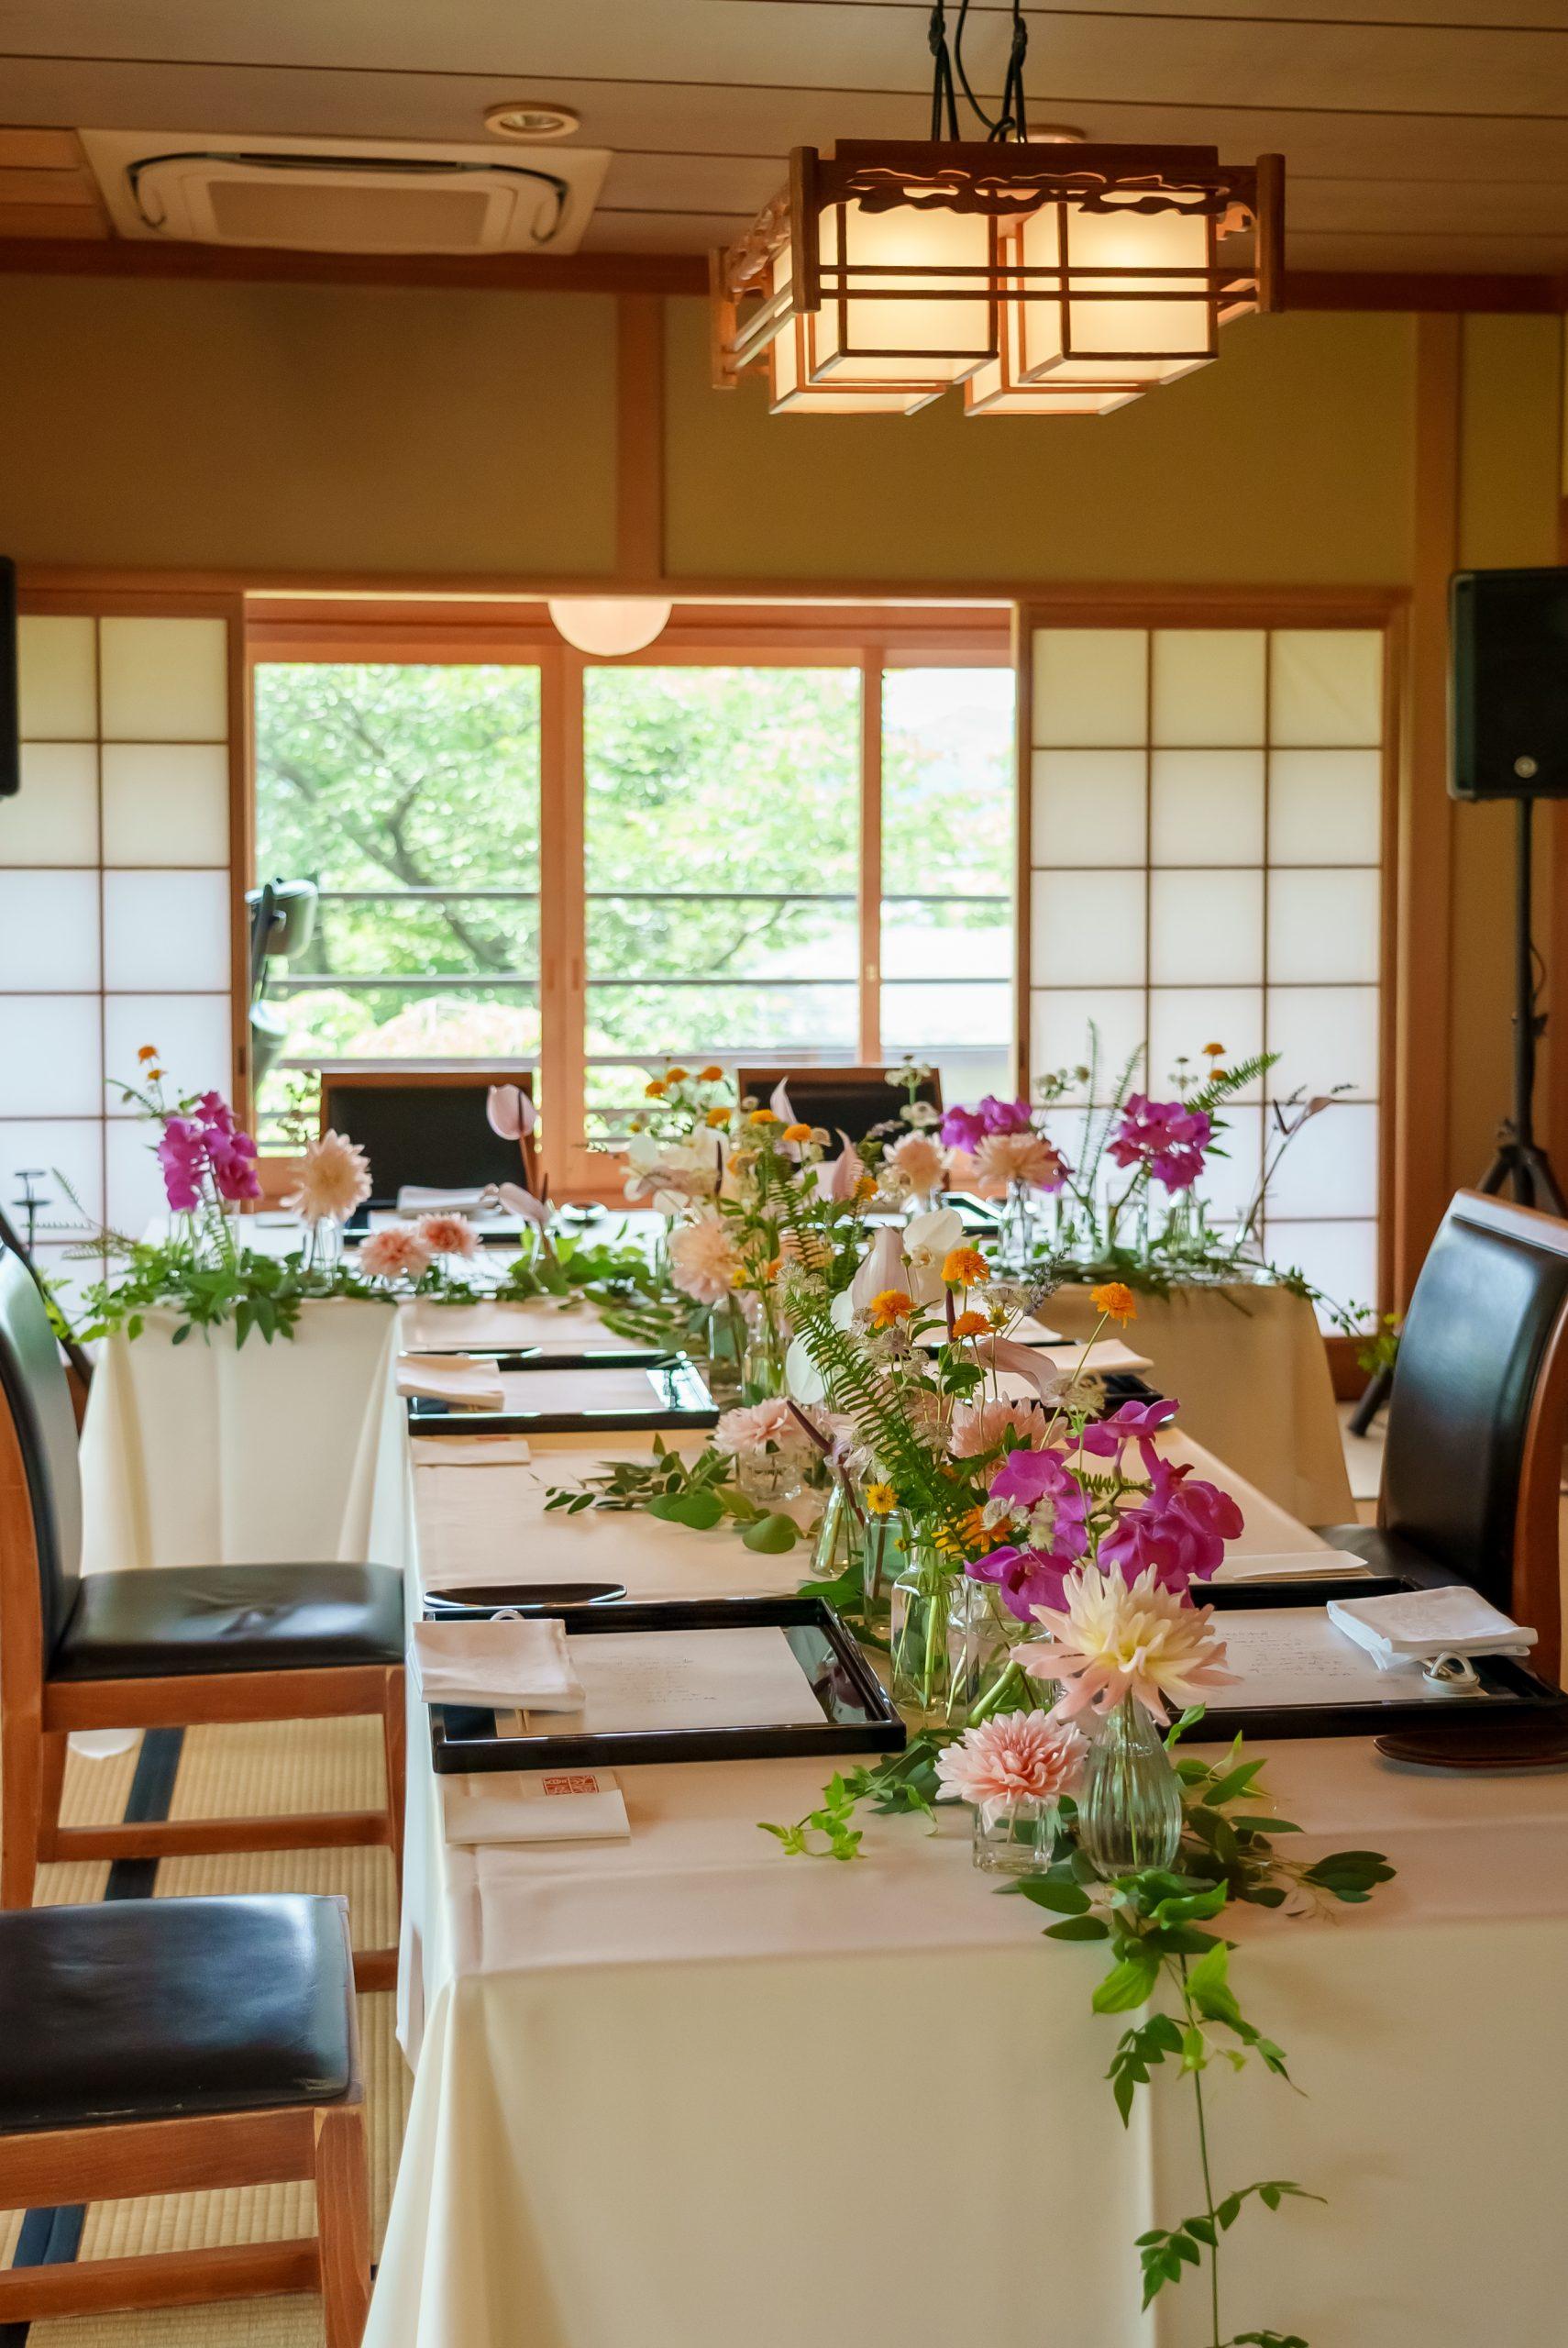 広島和婚式でのテーブル装花